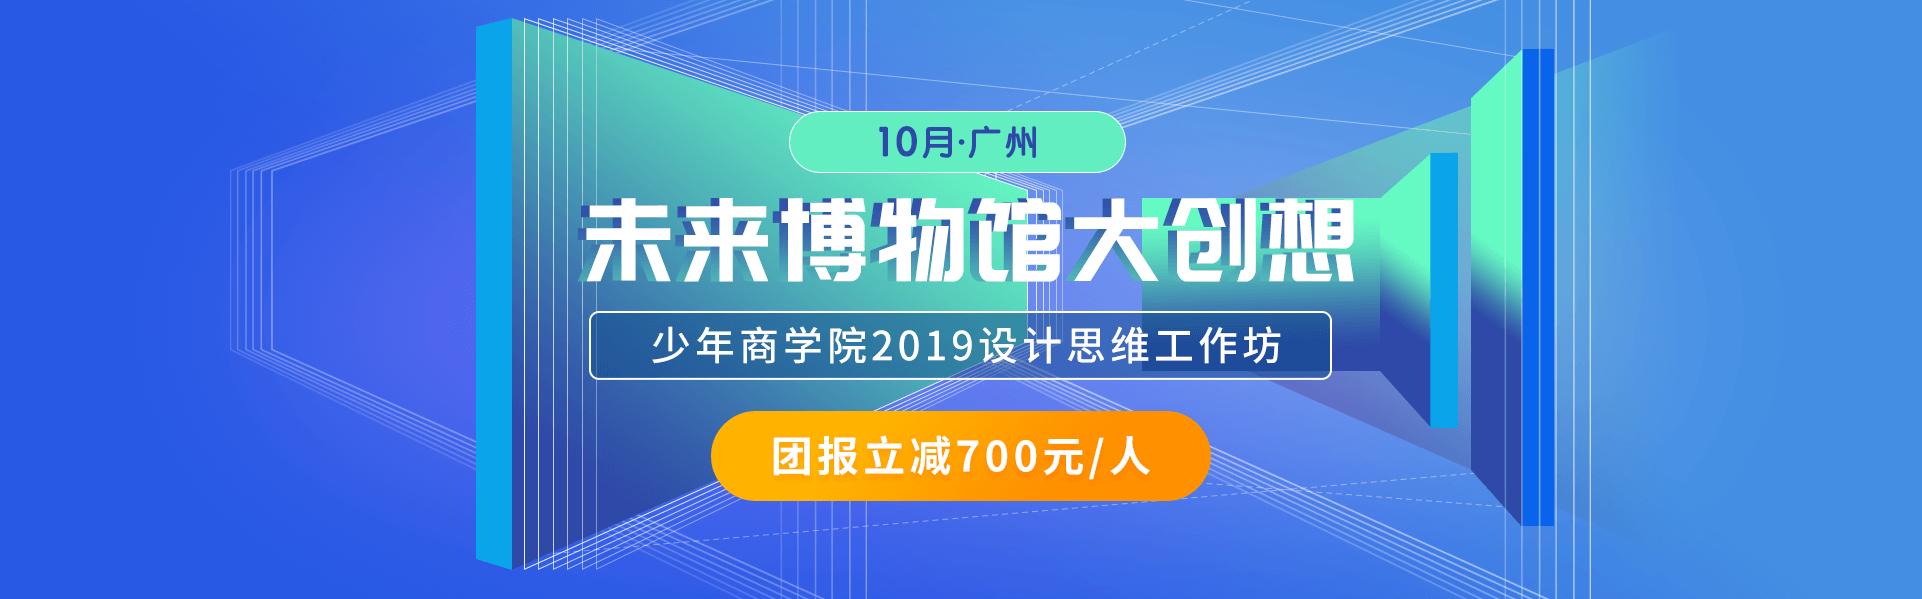 未来博物馆大创新-广州